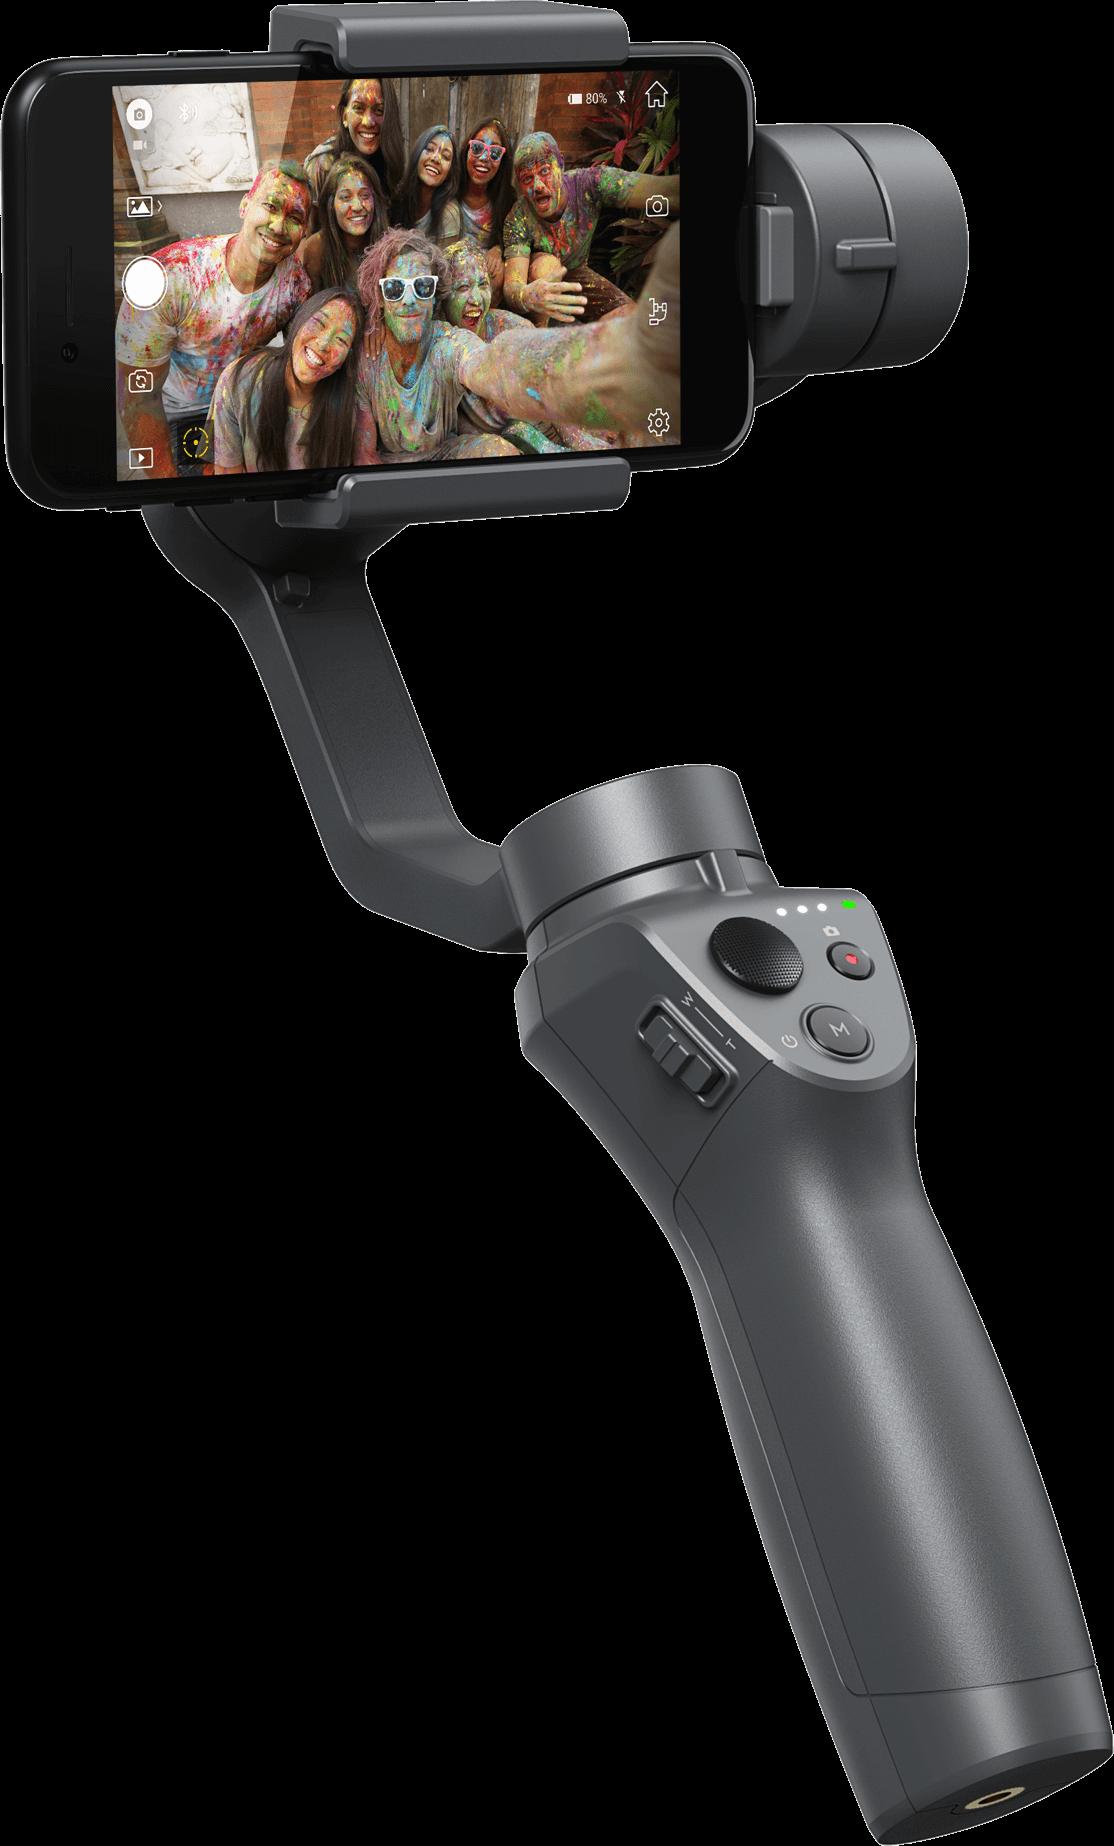 DJI Osmo Mobile 2 – Smartphone Gimbal – DJI